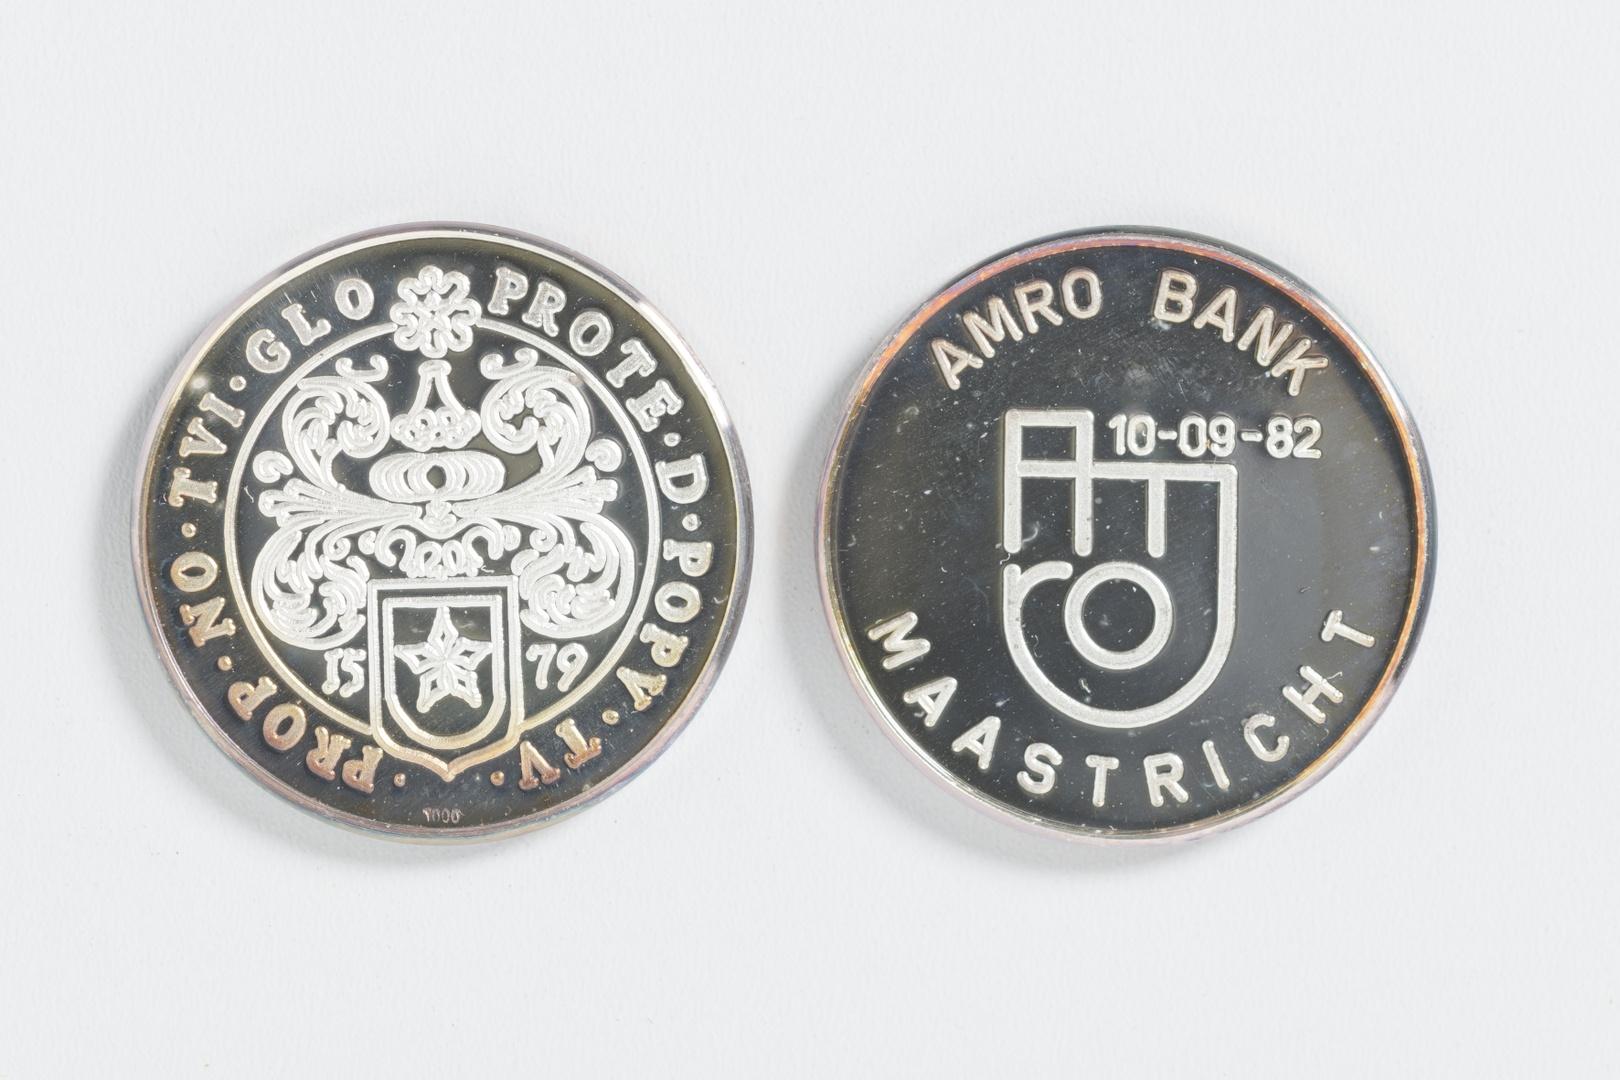 Twee penningen ter gelegenheid van opening AMRO-bank te Maastricht op 10-09-1982